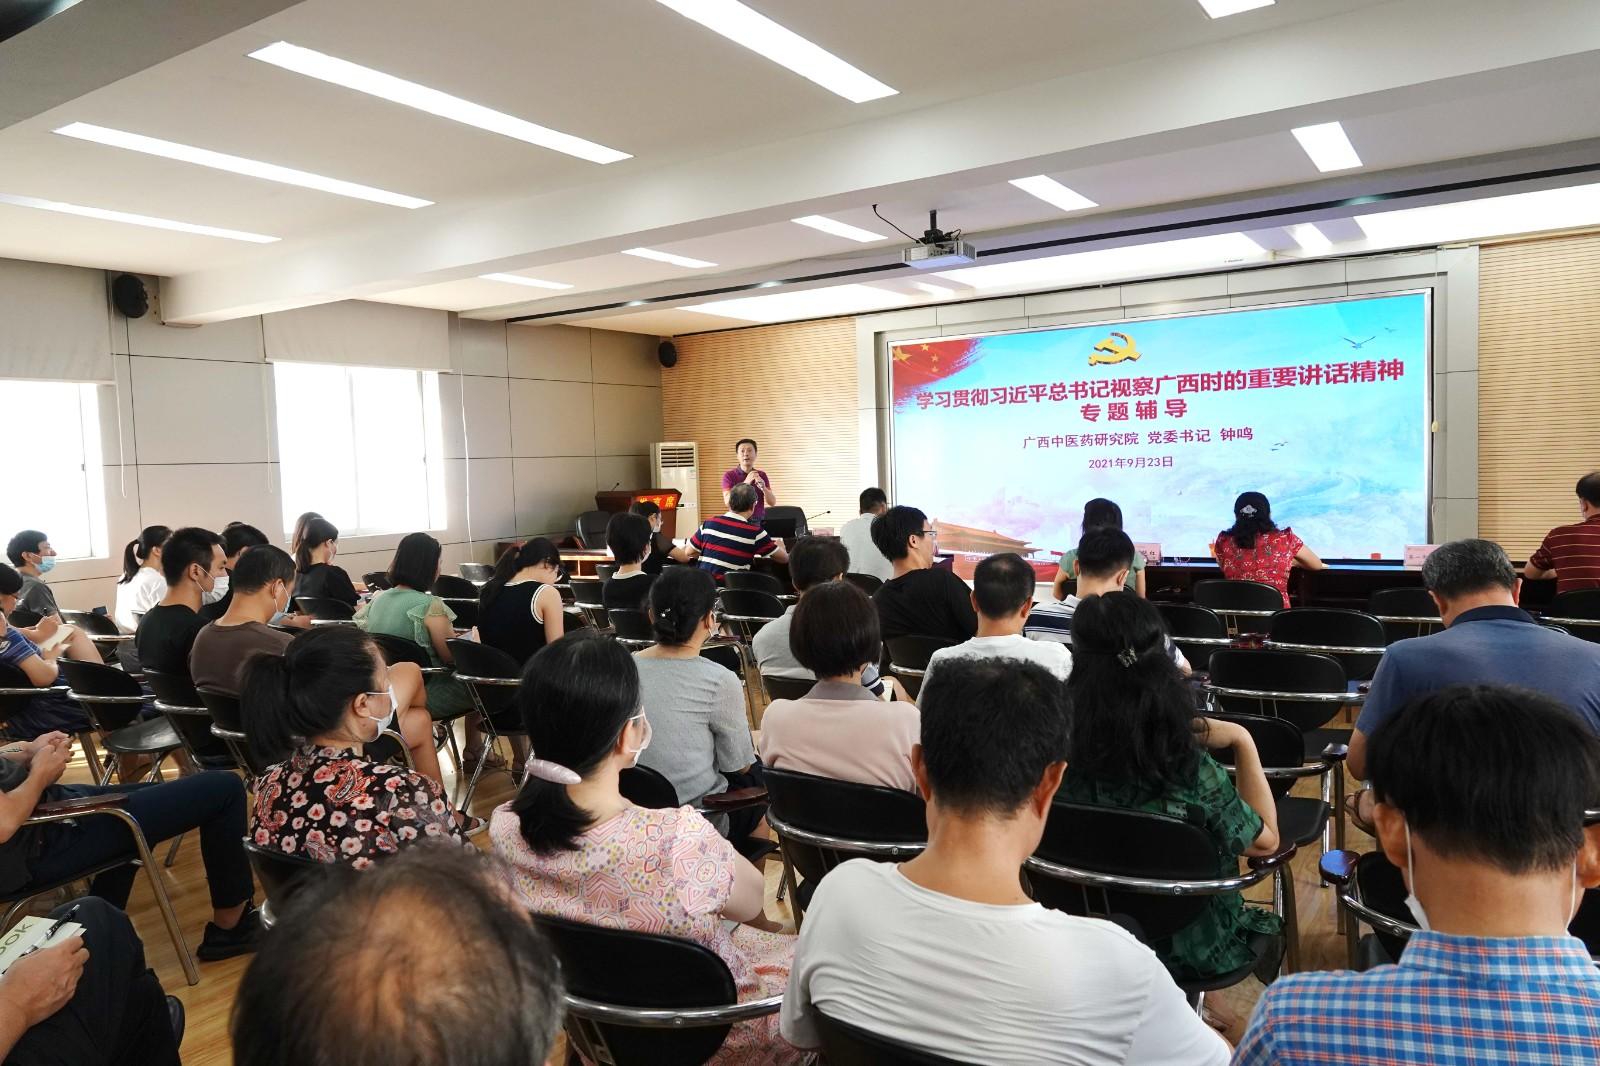 广西中医药研究院举办学习贯彻习近平总书记重要讲话精神培训班